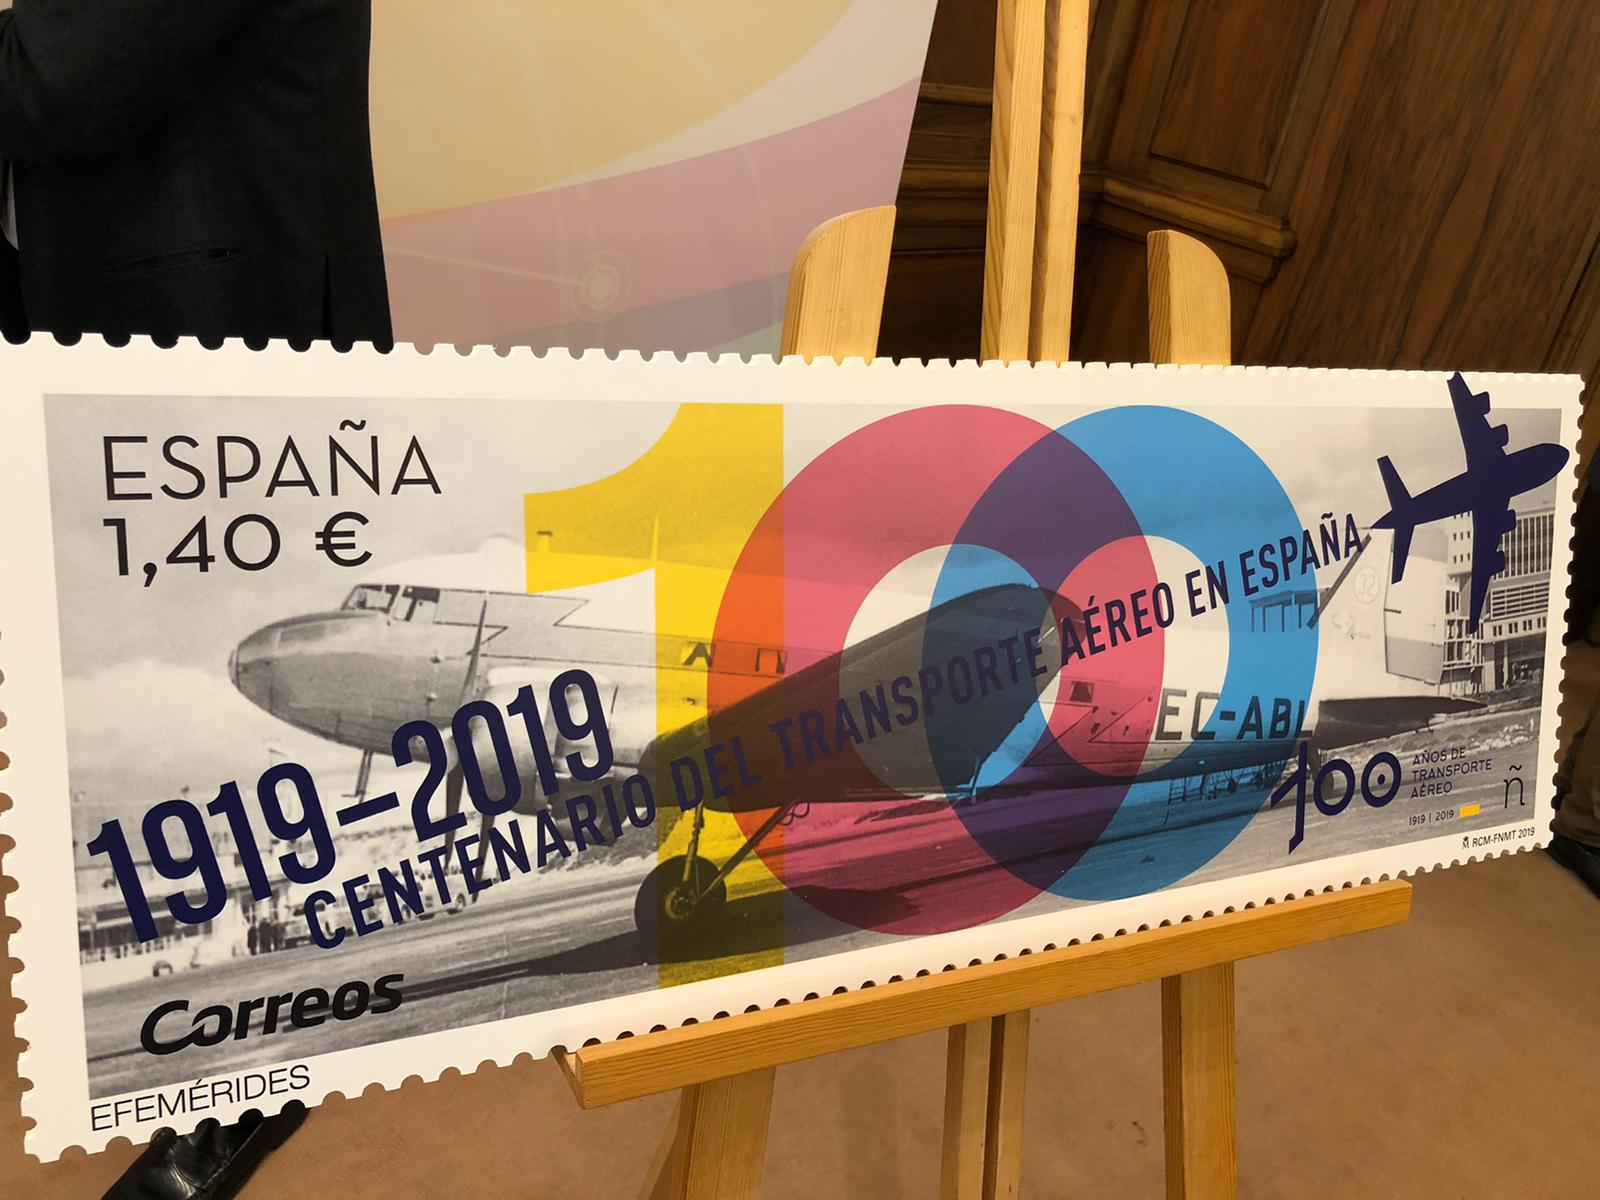 Correos emite un sello conmemorando el Centenario del Transporte Aéreo